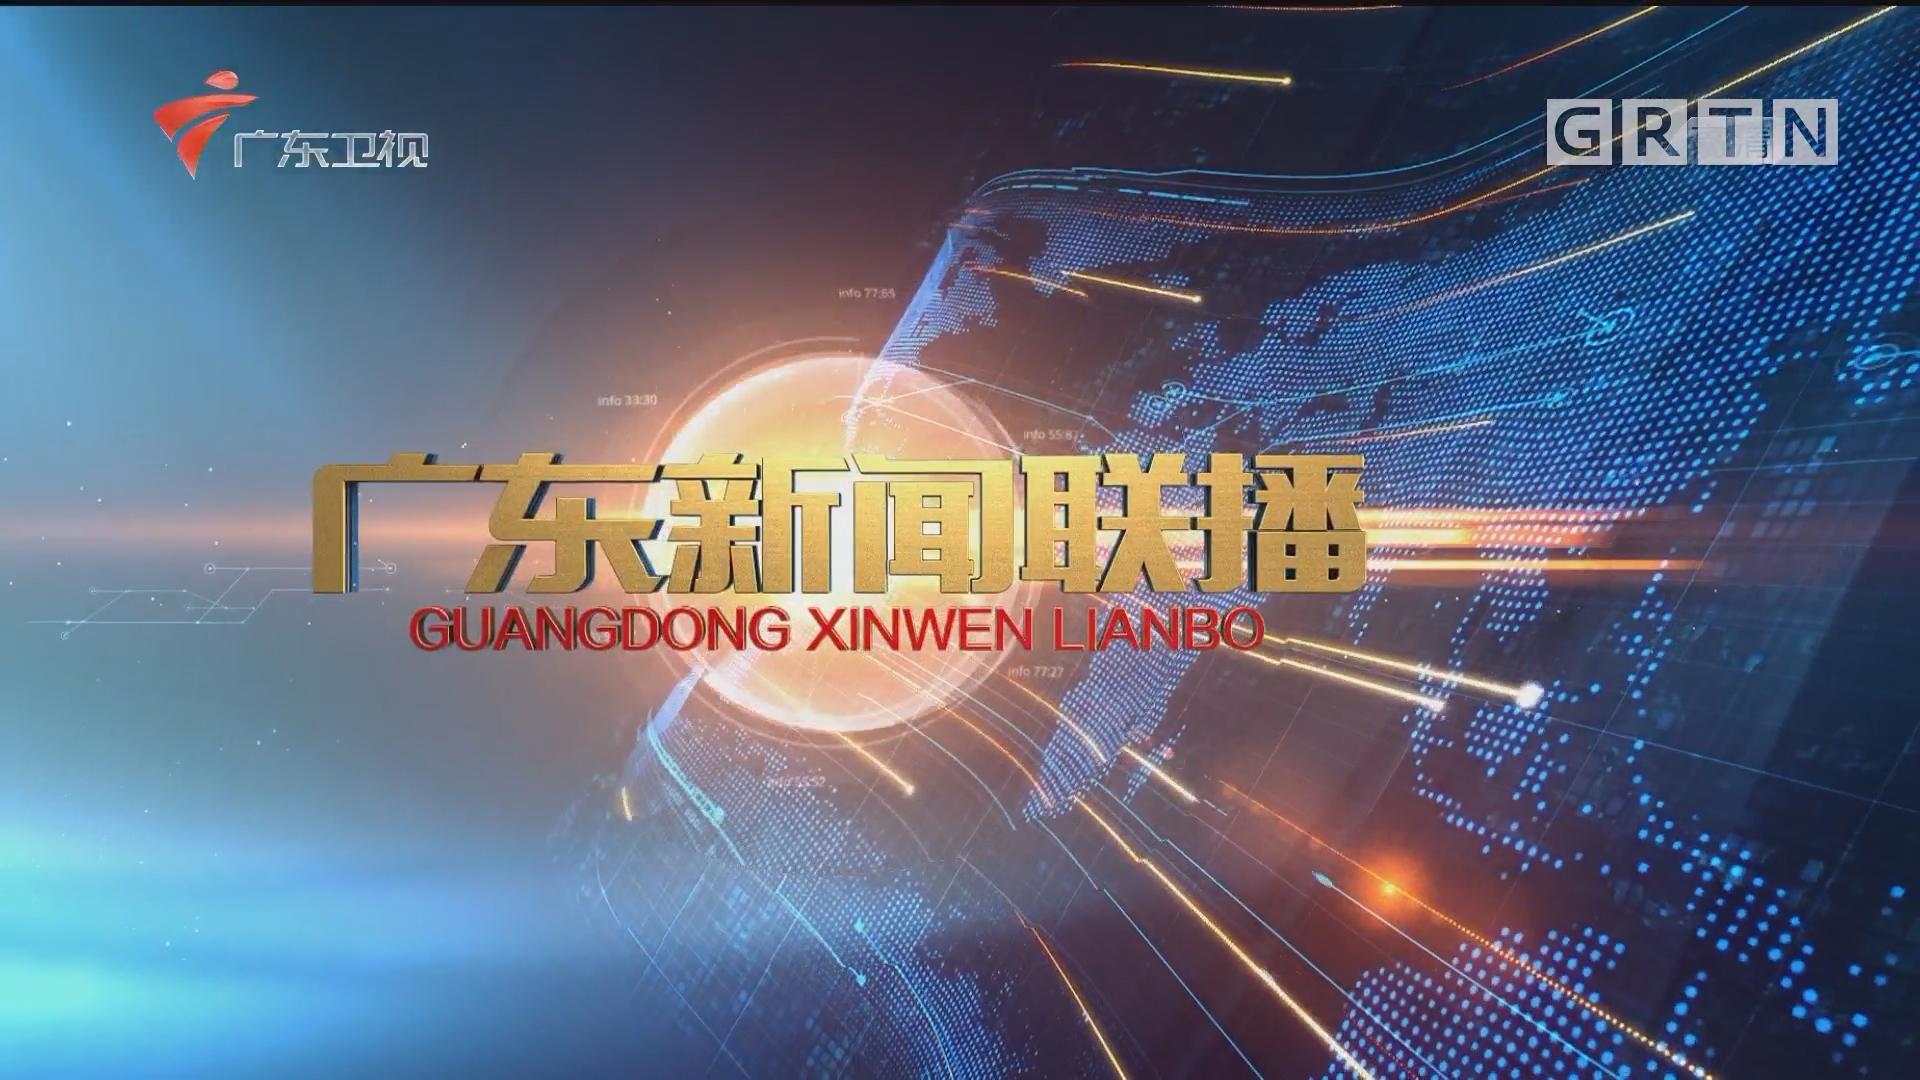 [HD][2017-12-06]广东新闻联播:习近平向2017年广州《财富》全球论坛致贺信